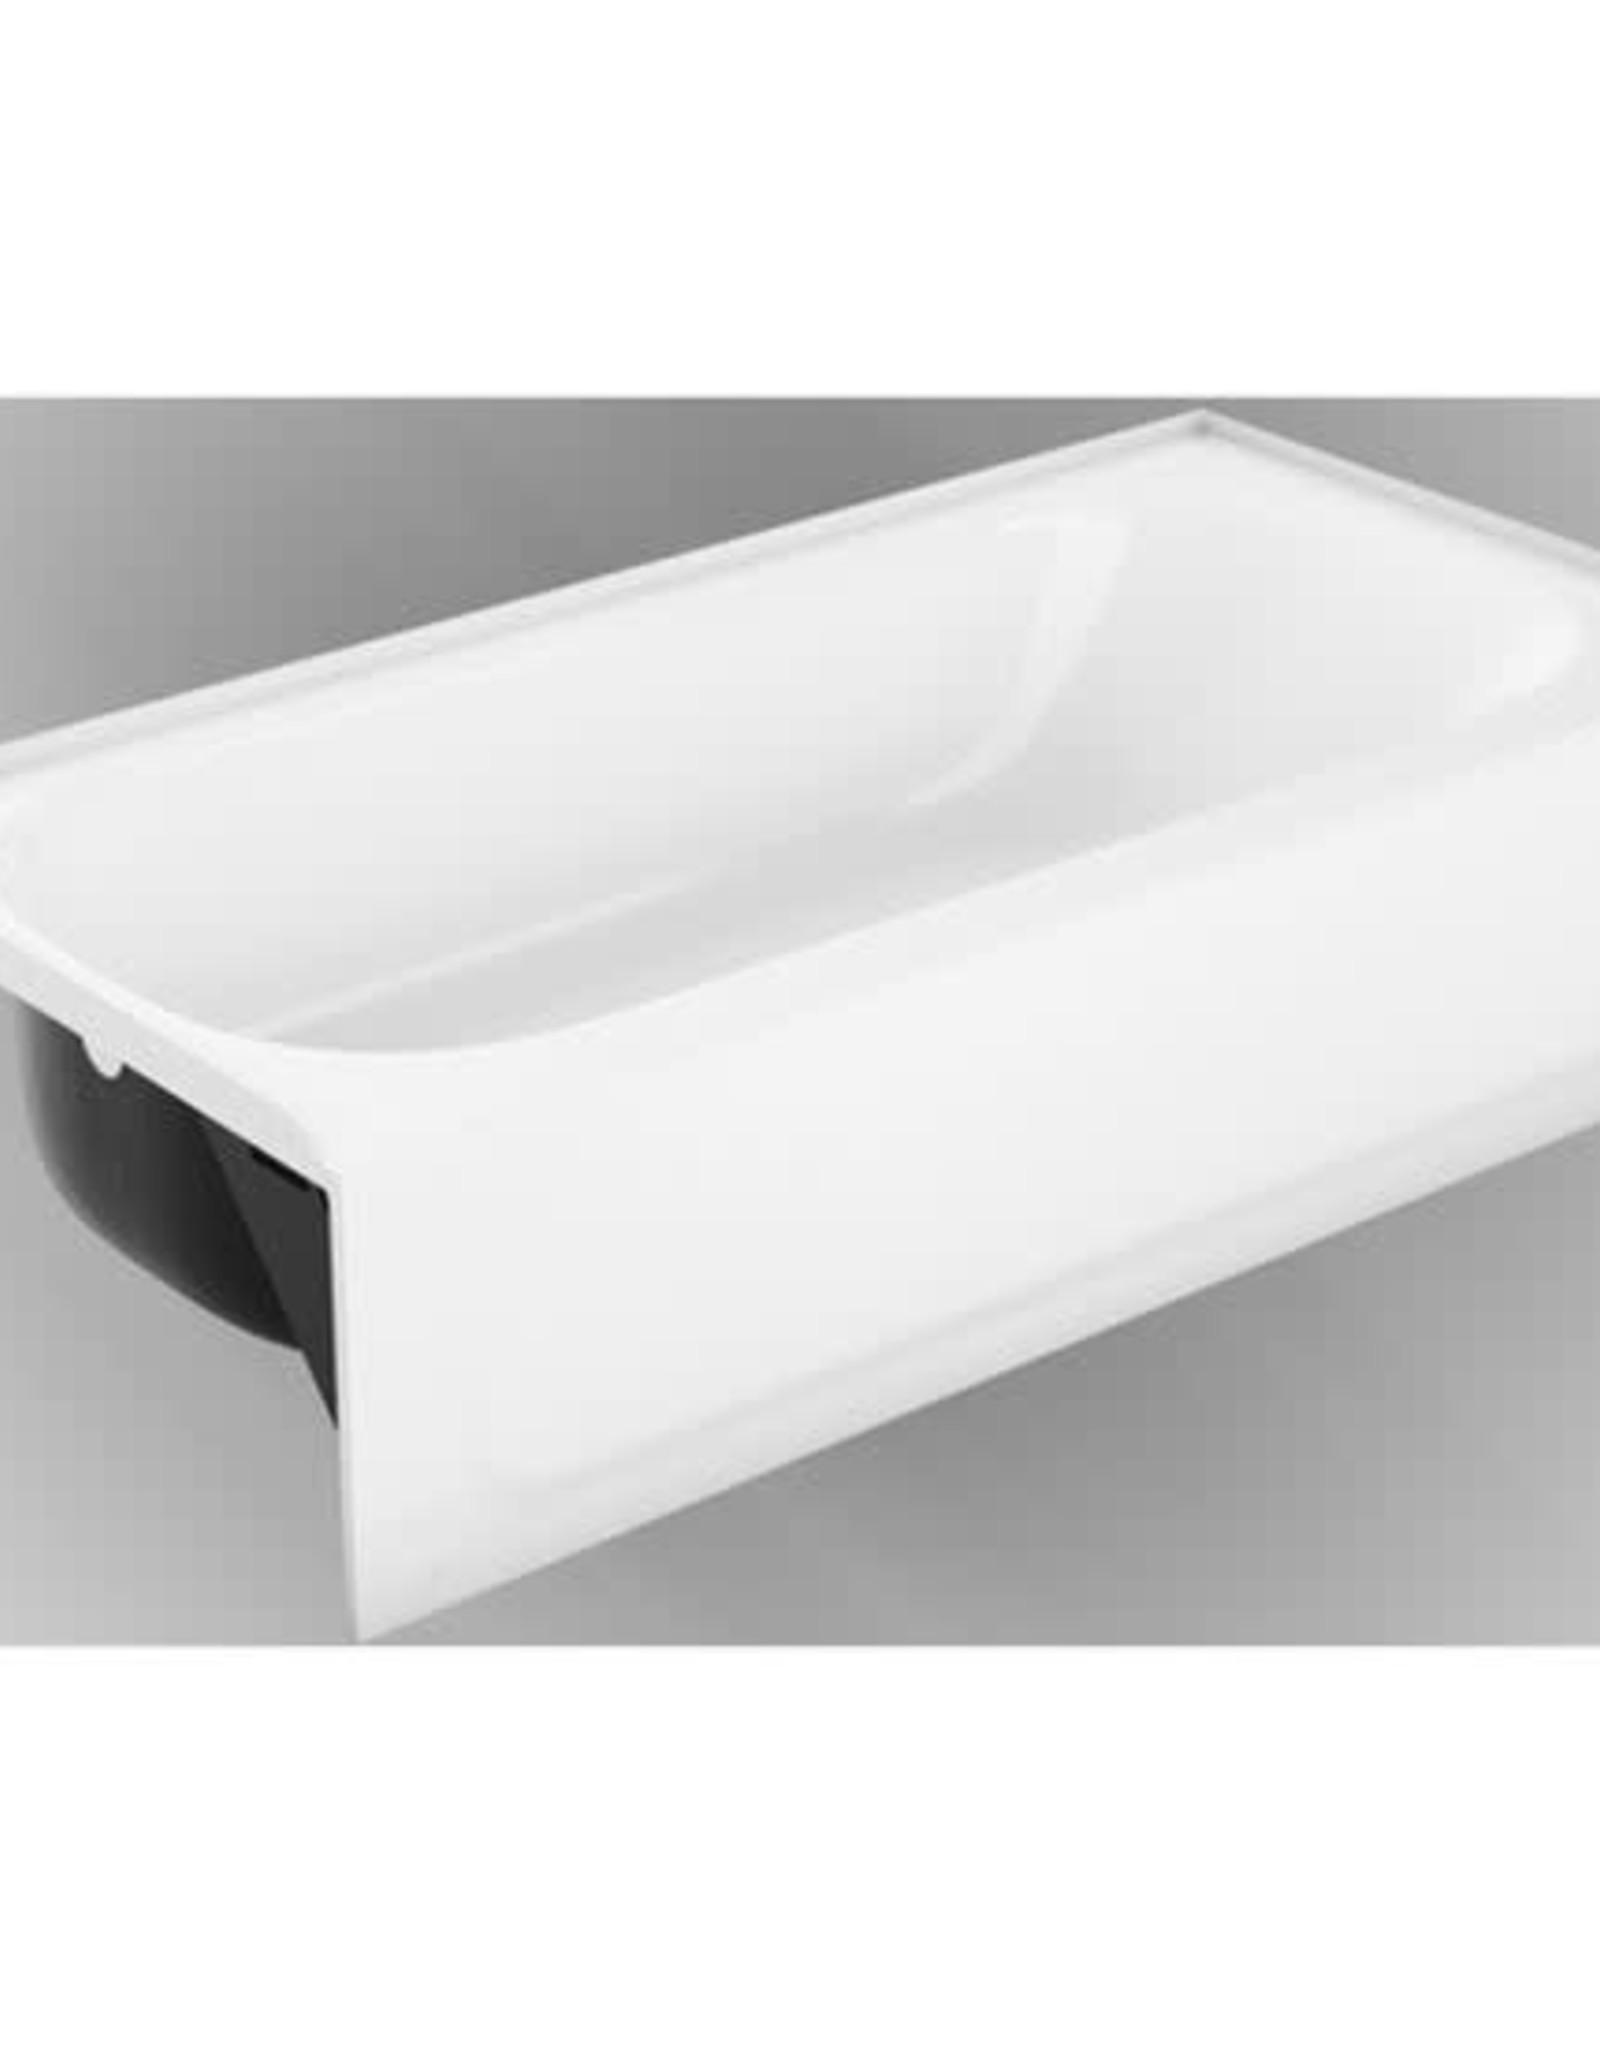 """ProFlow 60"""" x 30"""" Steel Tub White RD"""